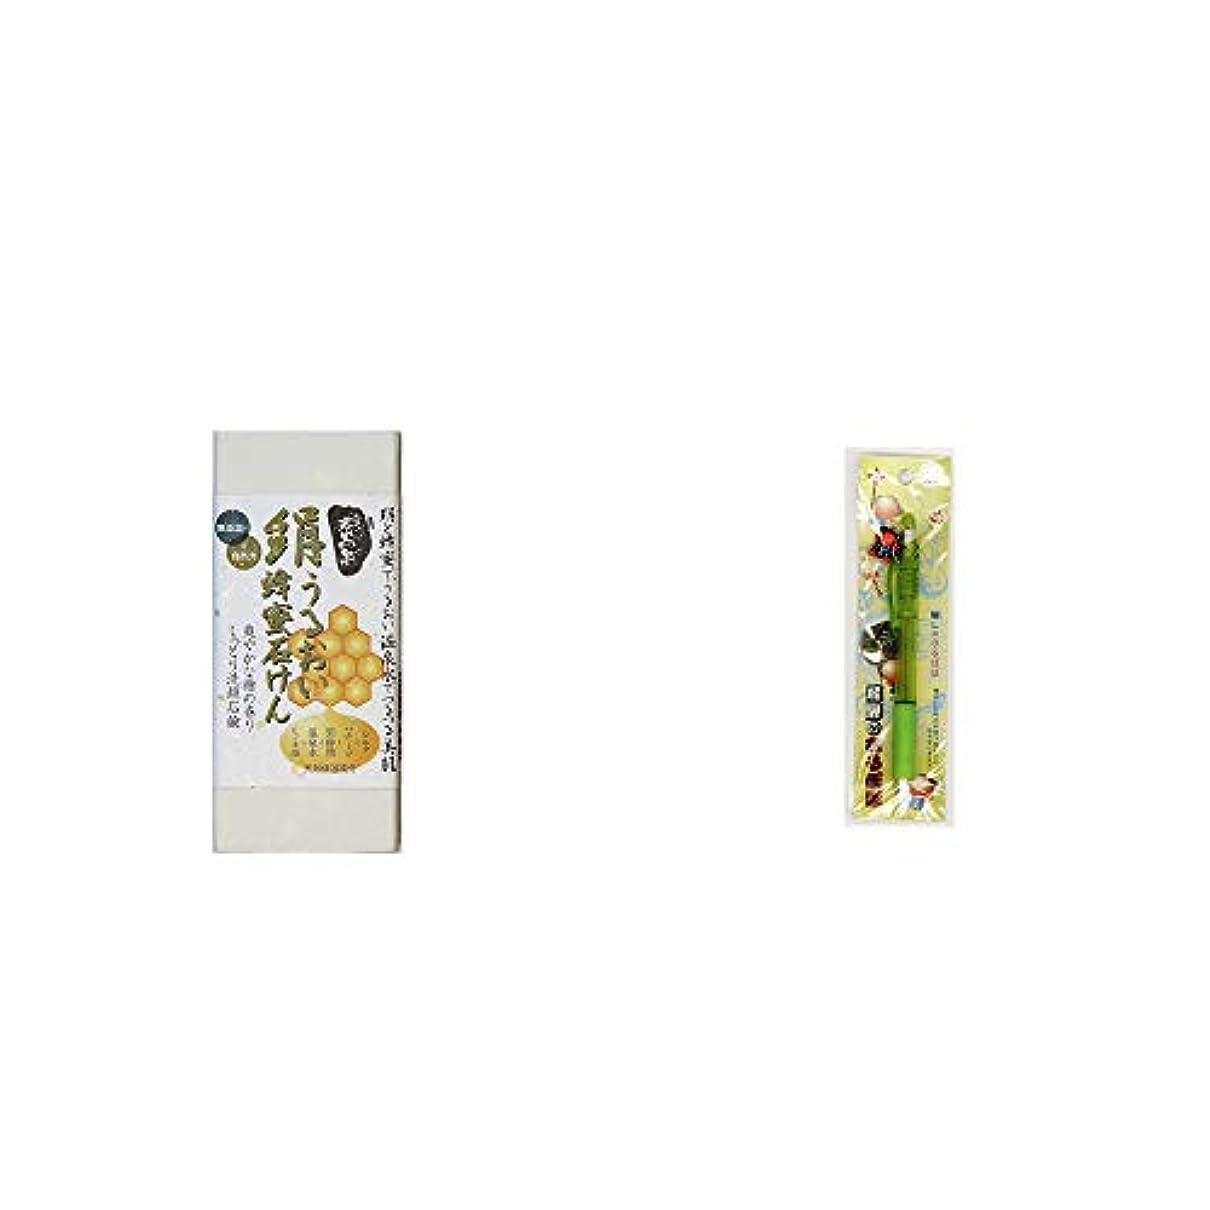 スカープ精神的に幼児[2点セット] ひのき炭黒泉 絹うるおい蜂蜜石けん(75g×2)?さるぼぼ 癒しシャープペン 【グリーン】